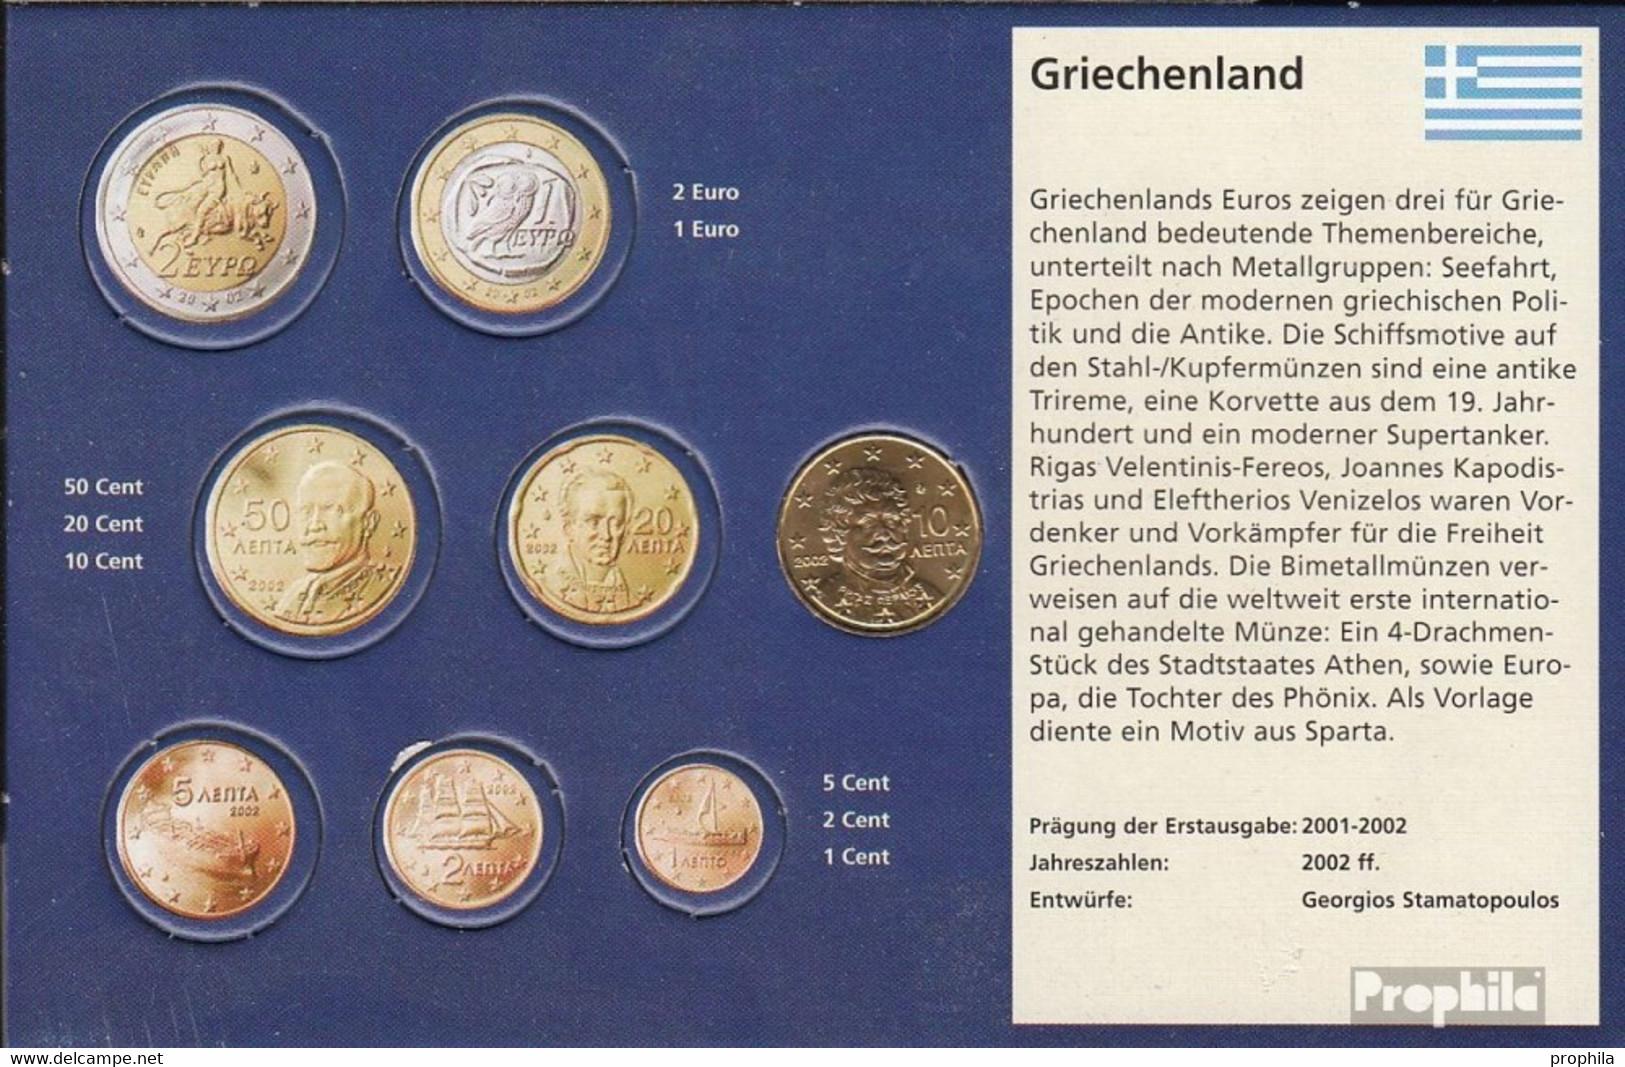 Griechenland GR 4 2002 G Stgl./unzirkuliert Mit Geheimzeichen 2002 Kursmünze 10 Cent - Grèce